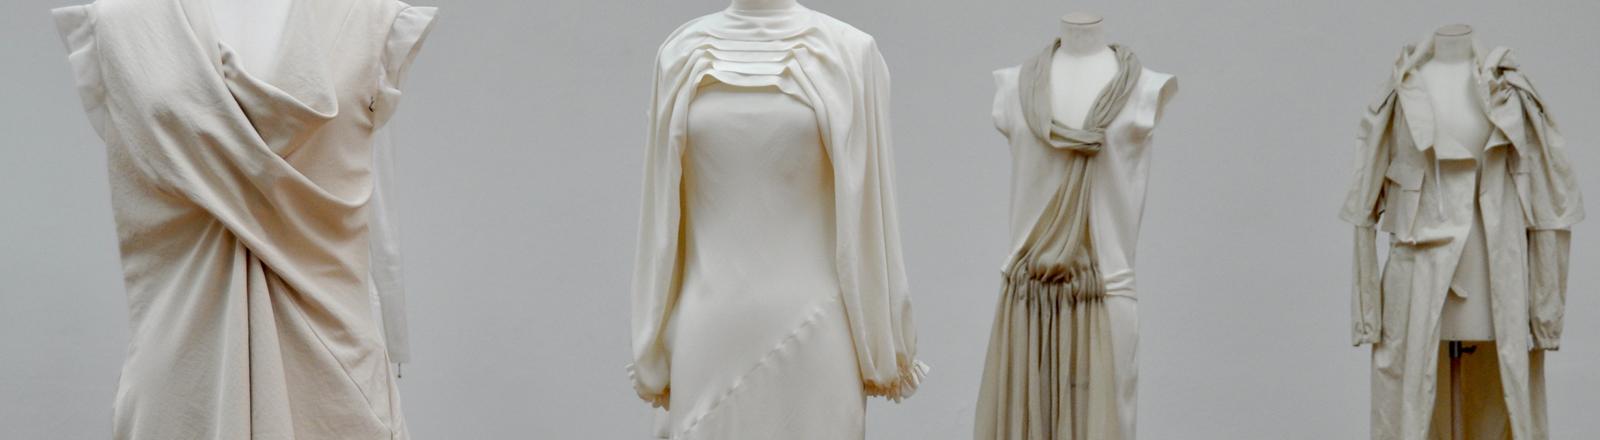 Modepuppen mit Modellen in naturfarbenen Stoffen.